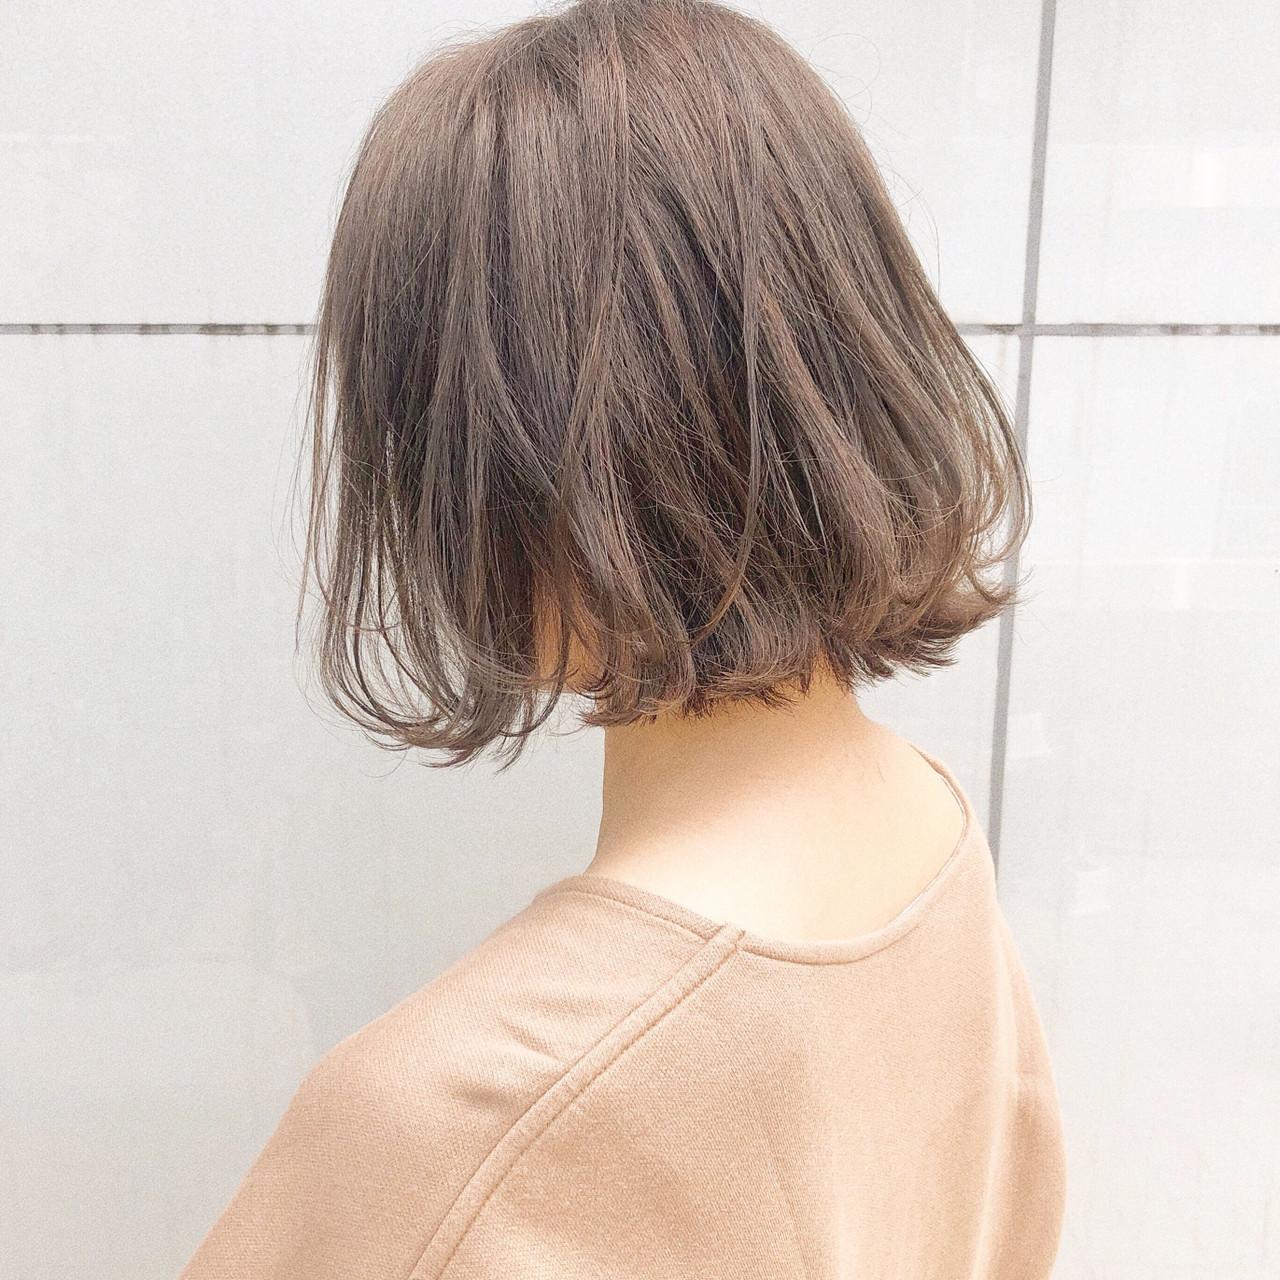 ボブ ヘアアレンジ 簡単ヘアアレンジ デート ヘアスタイルや髪型の写真・画像